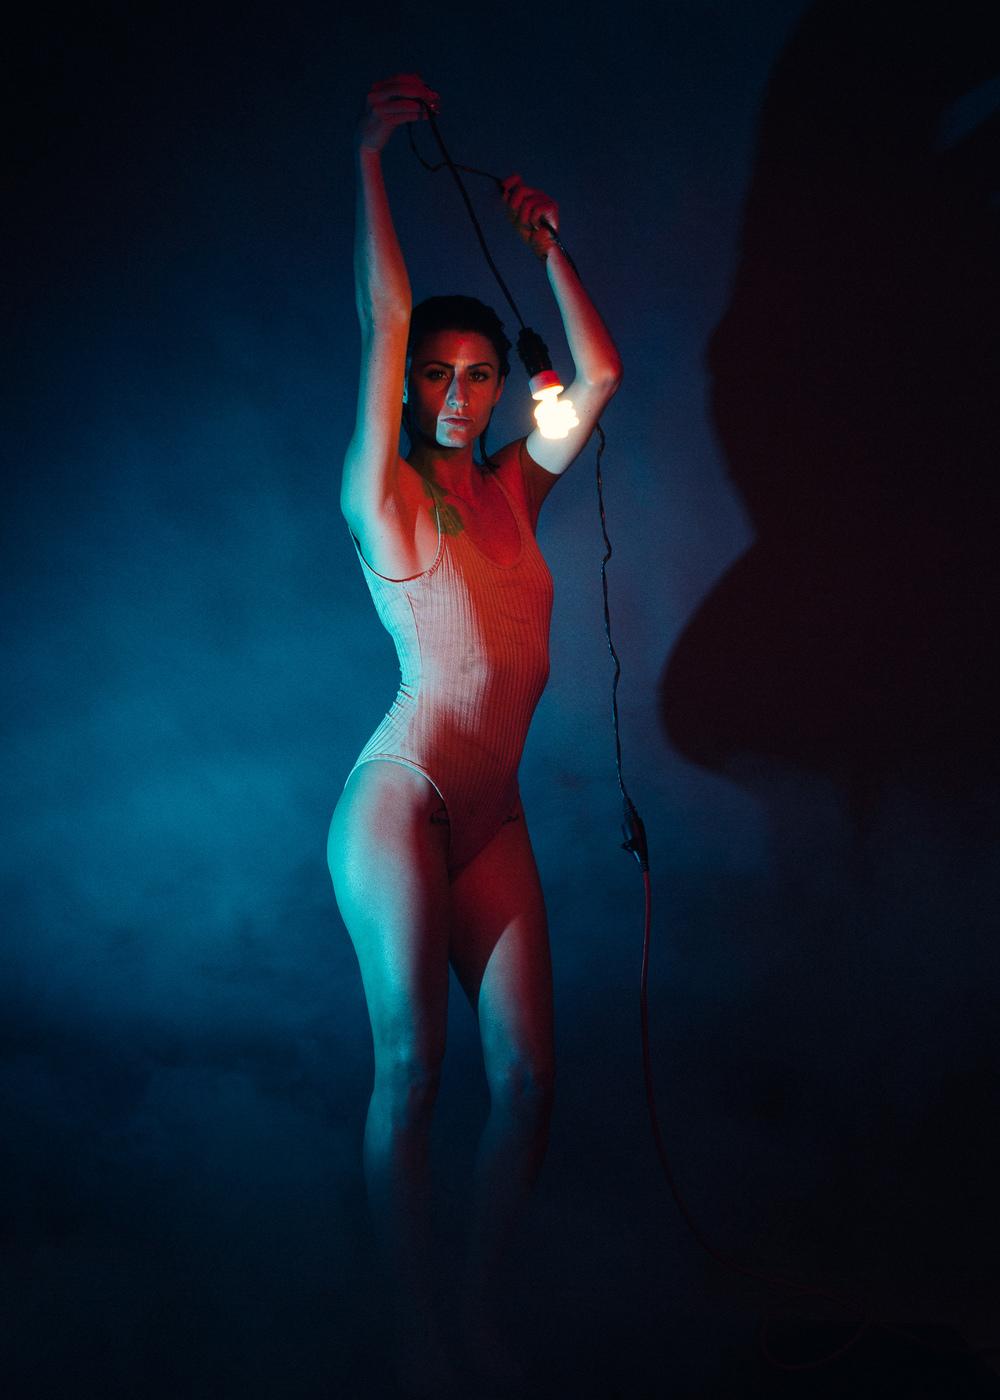 Sam-Massive Attack shoot-8.jpg